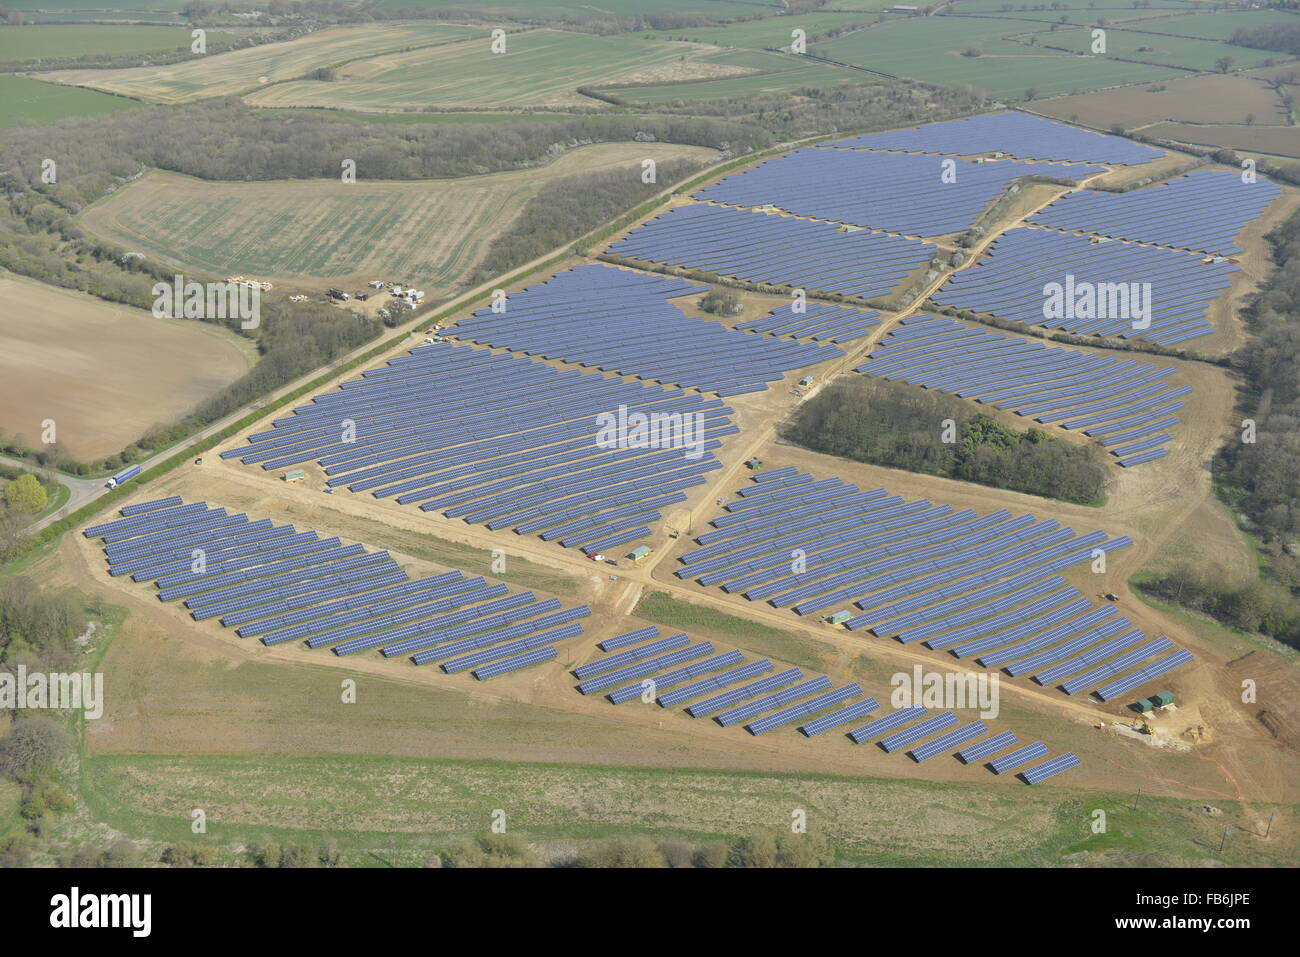 Eine Luftaufnahme des Solarparks in Leicestershire Stockbild